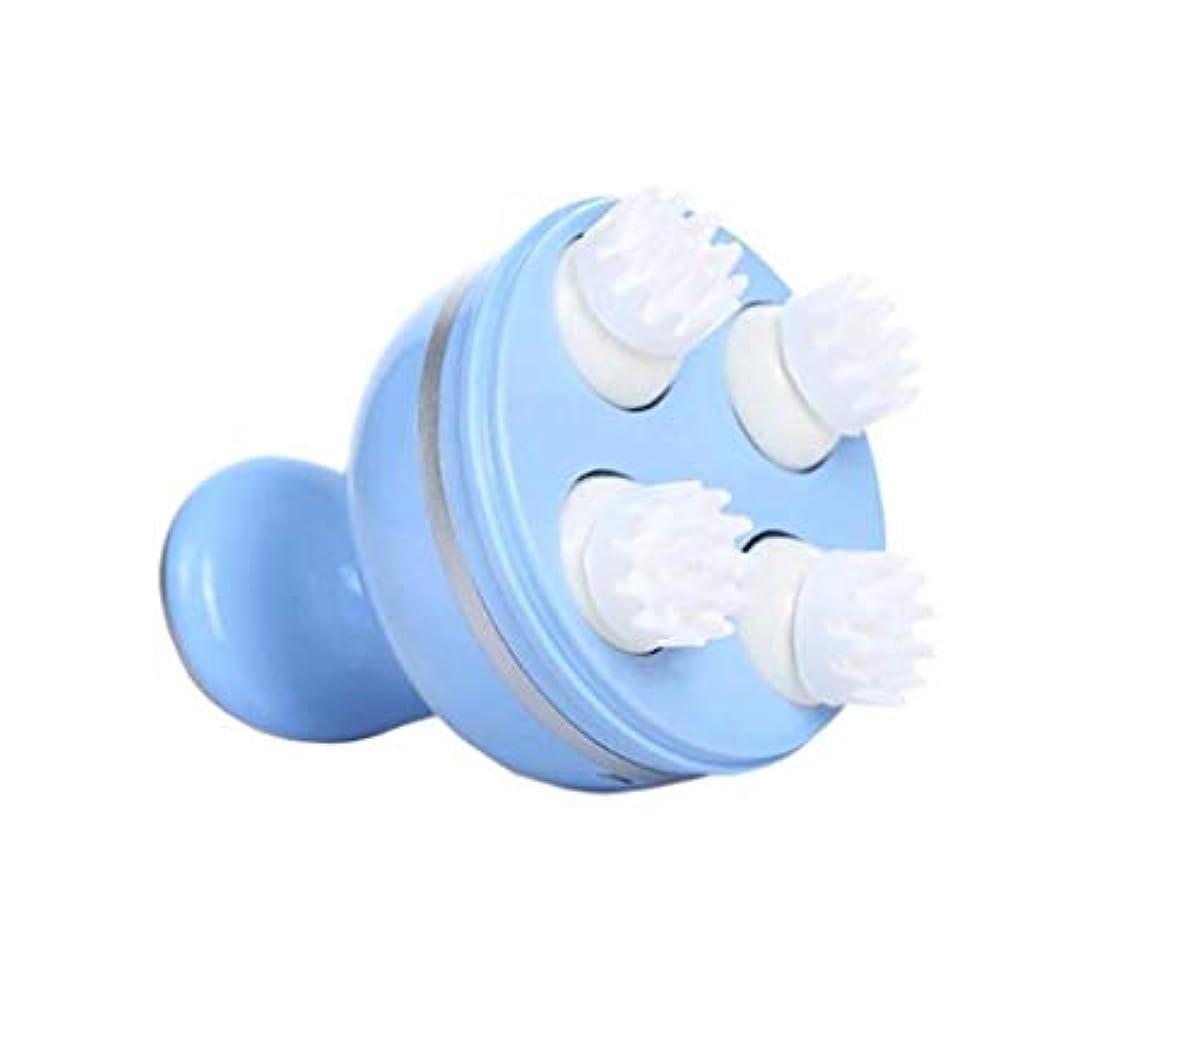 ワイドキャメル本気マッサージャー、電動ハンドヘルドヘッドマッサージャー、取り外し可能な多機能サイレントマッサージ、USB充電、持ち運びが簡単 (Color : 青)